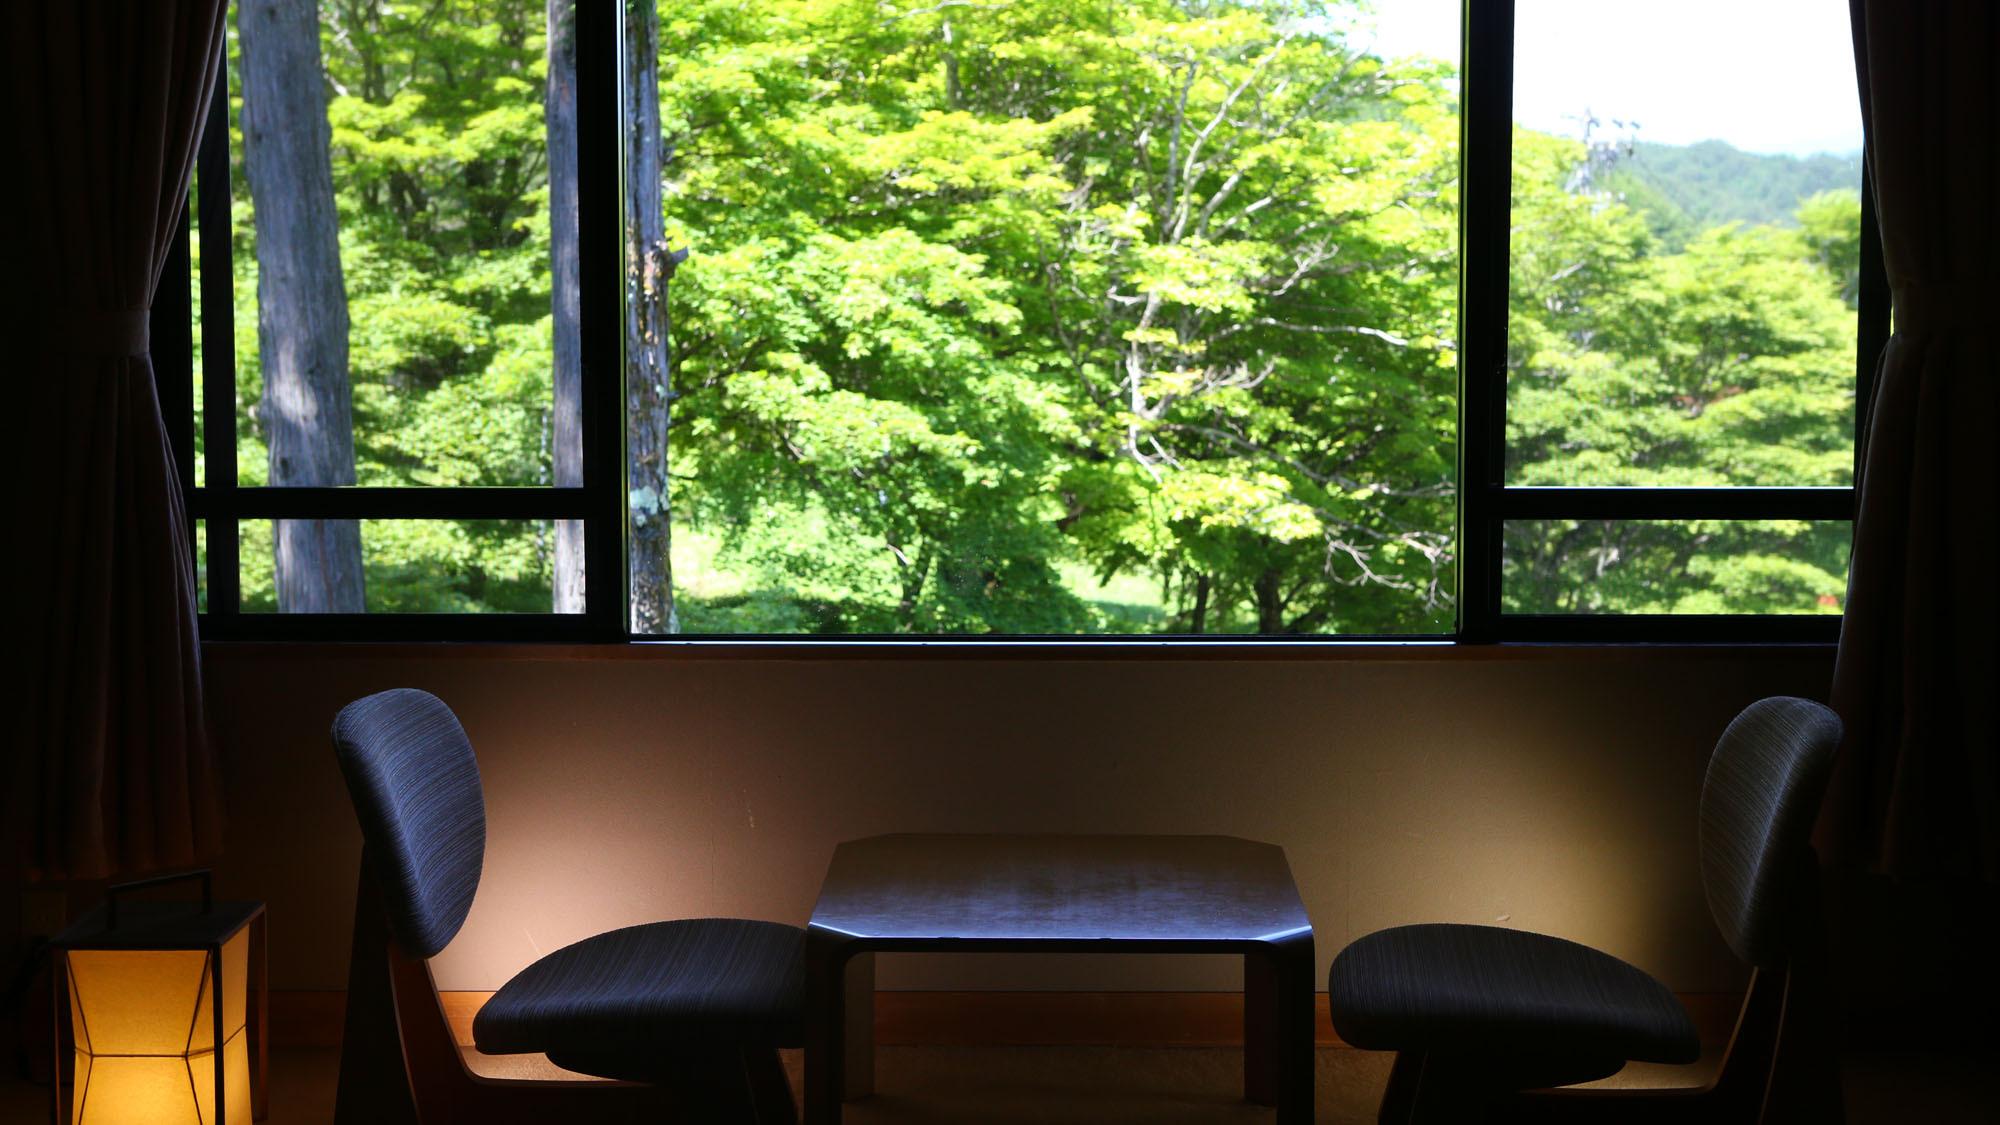 【新館■和室10〜12.5畳】窓からは緑の木々が